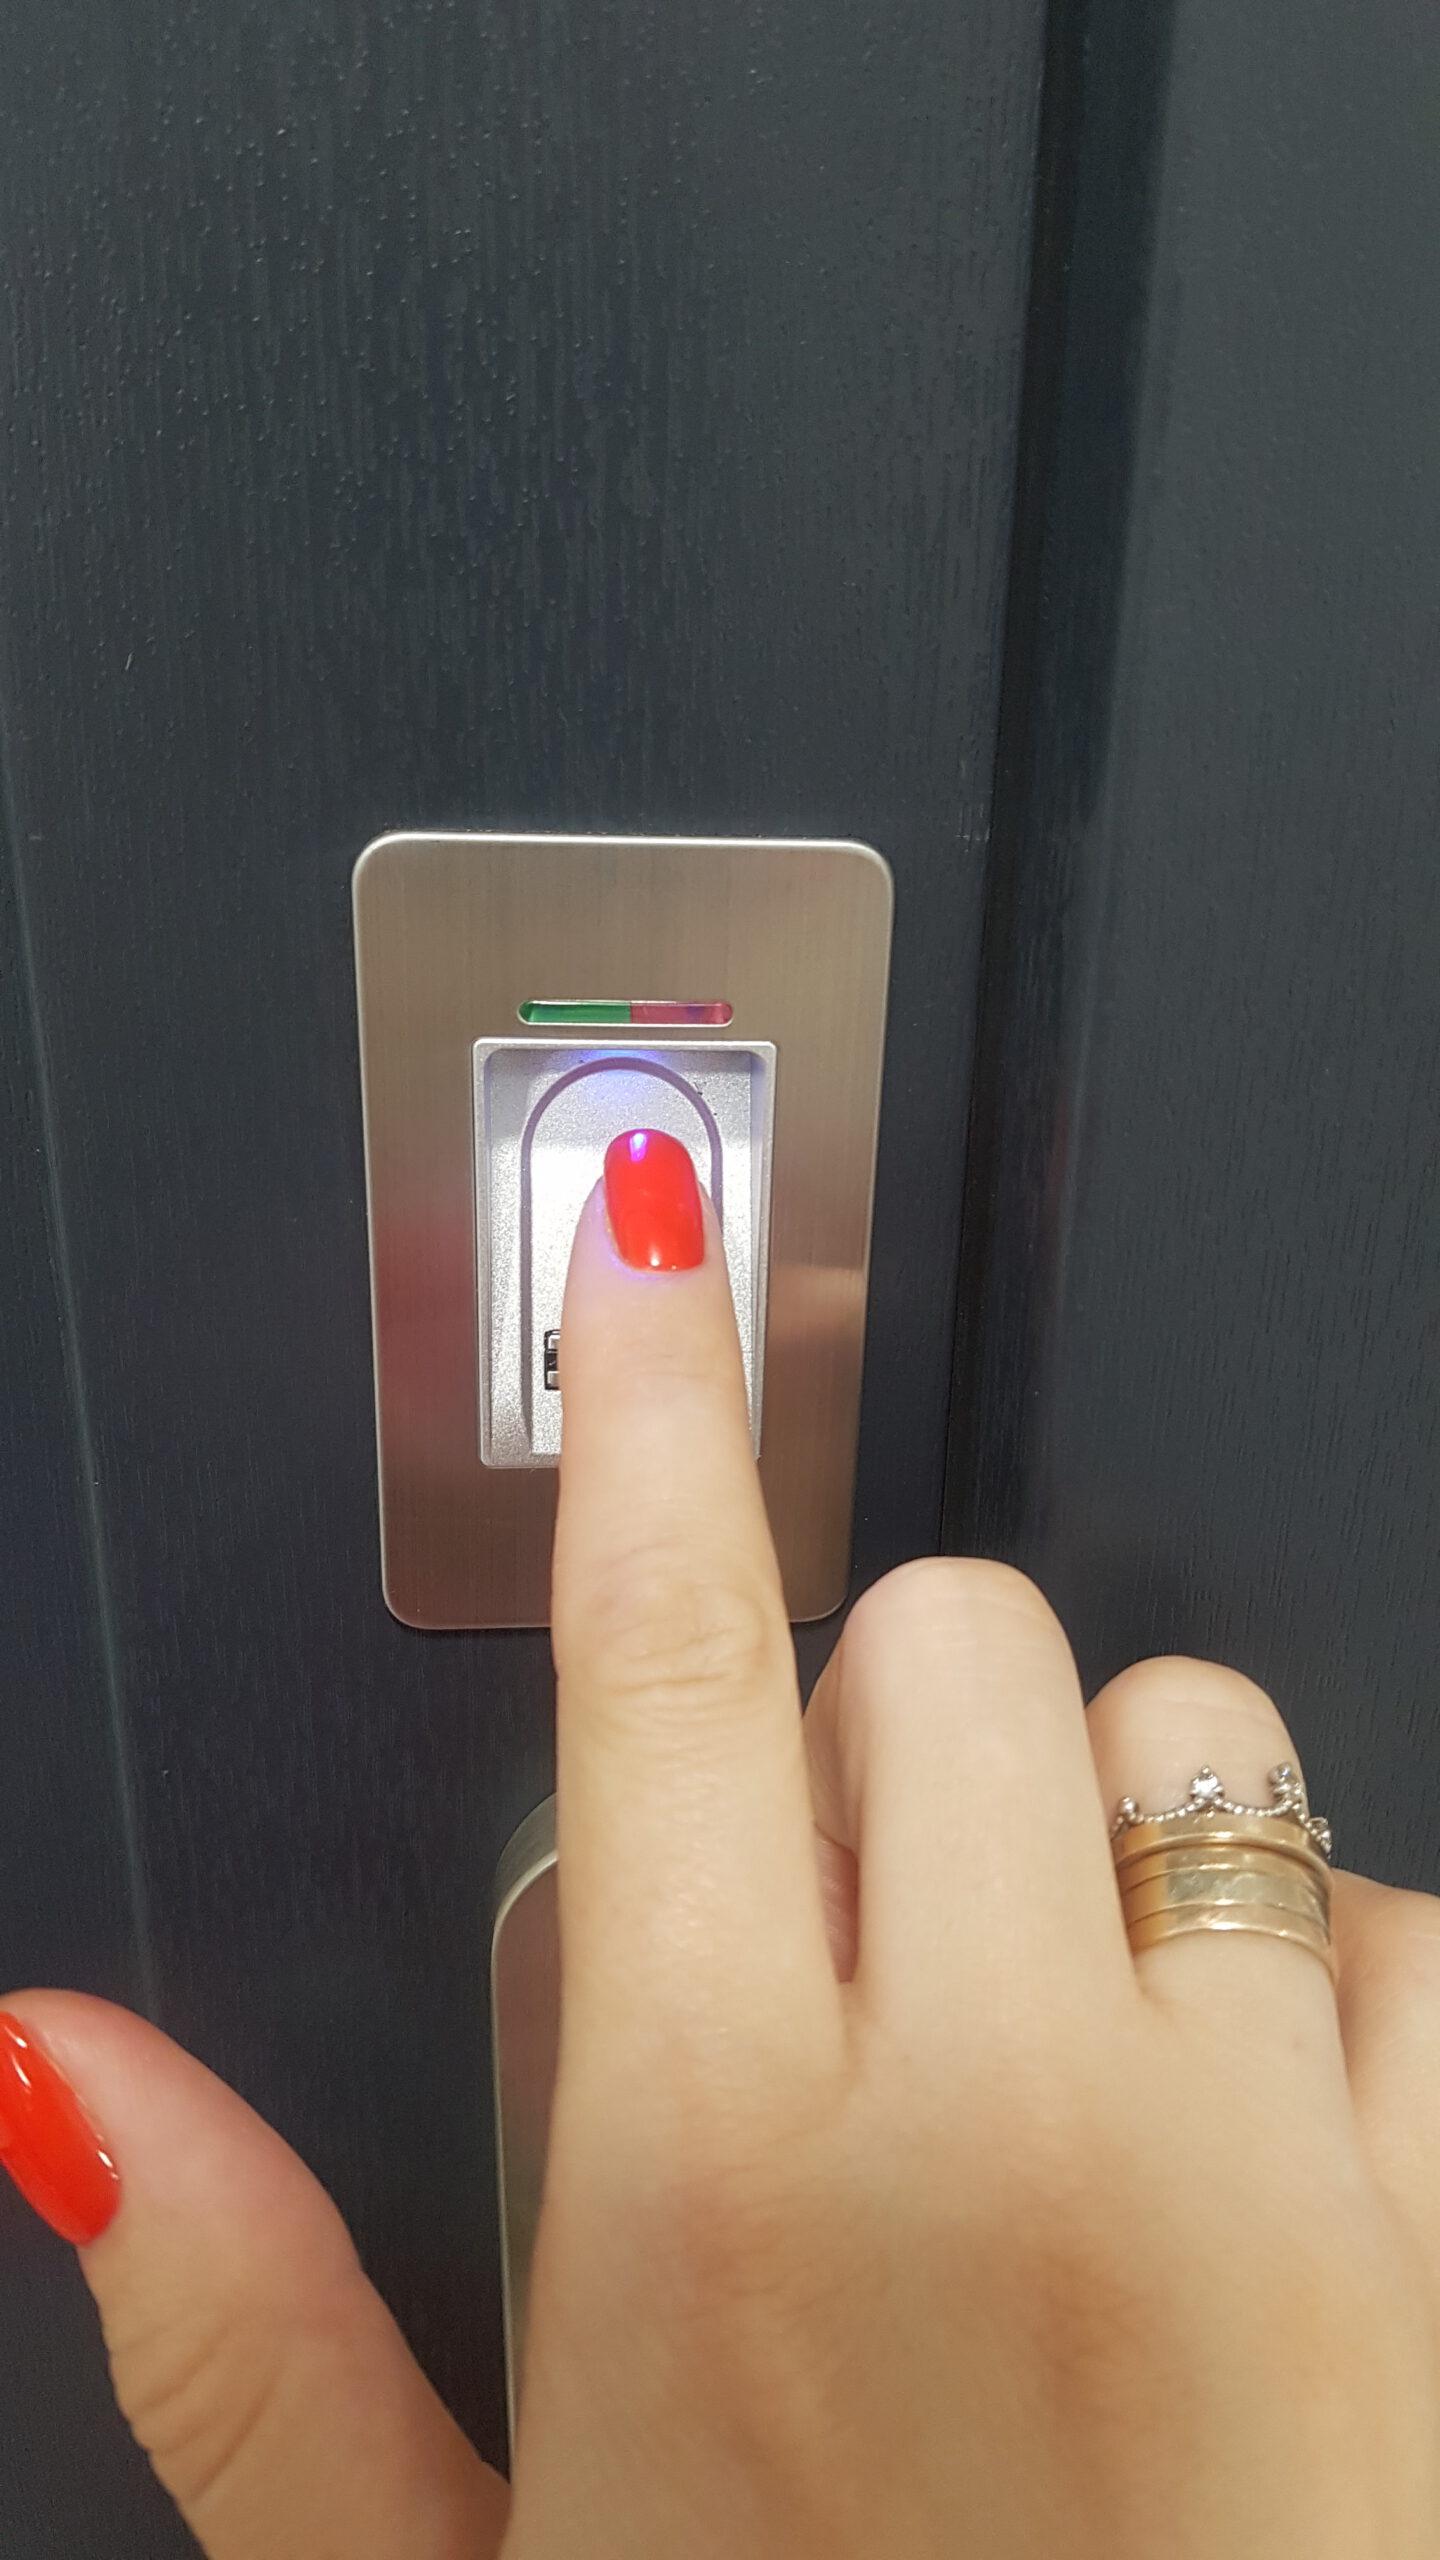 Відкрити одним дотиком через сканування відбитка пальця.